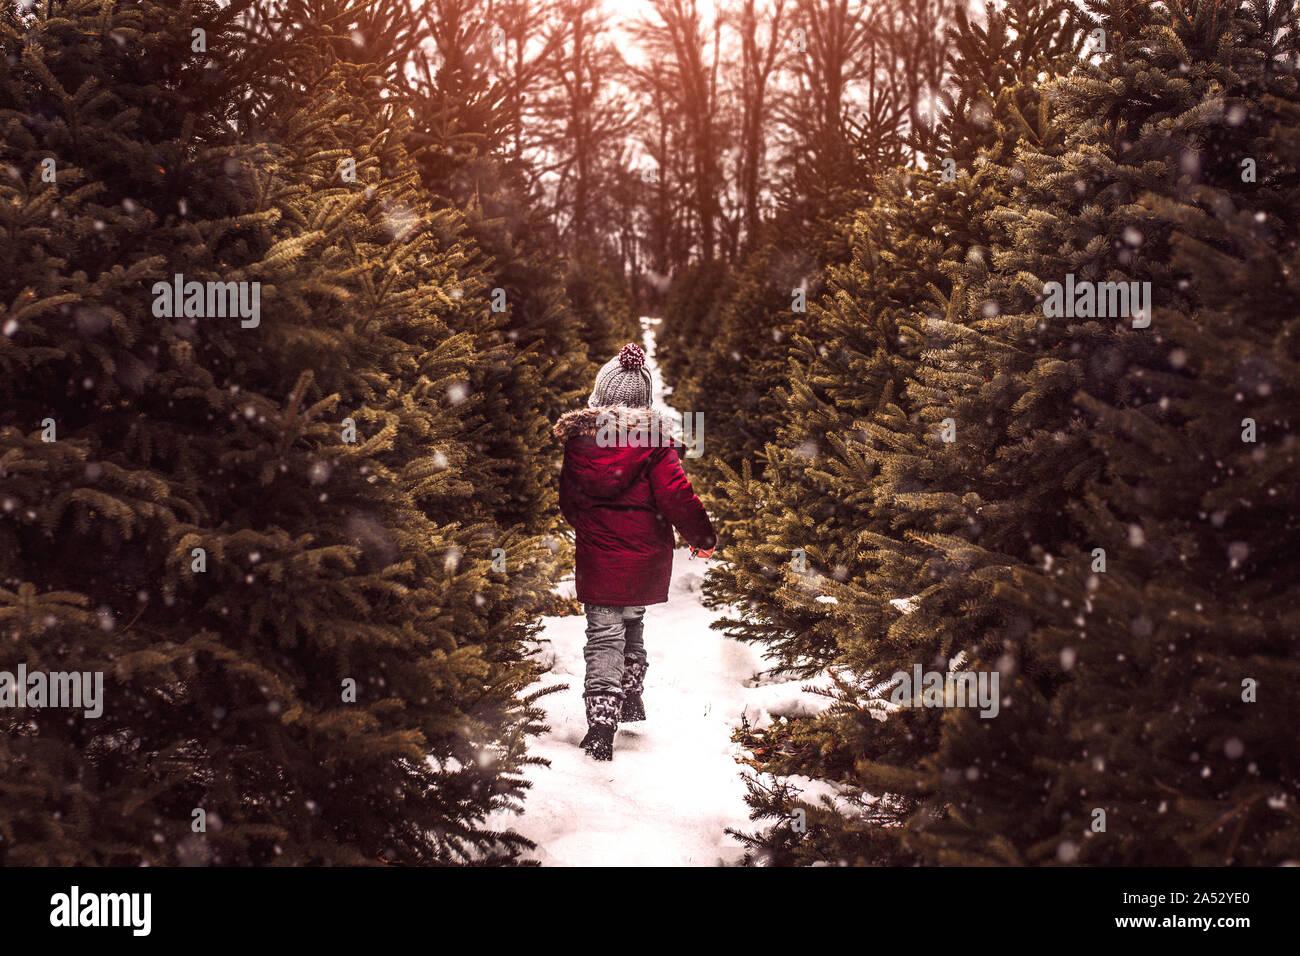 Chico busca un árbol de Navidad perfecto en un día nevado de invierno Foto de stock